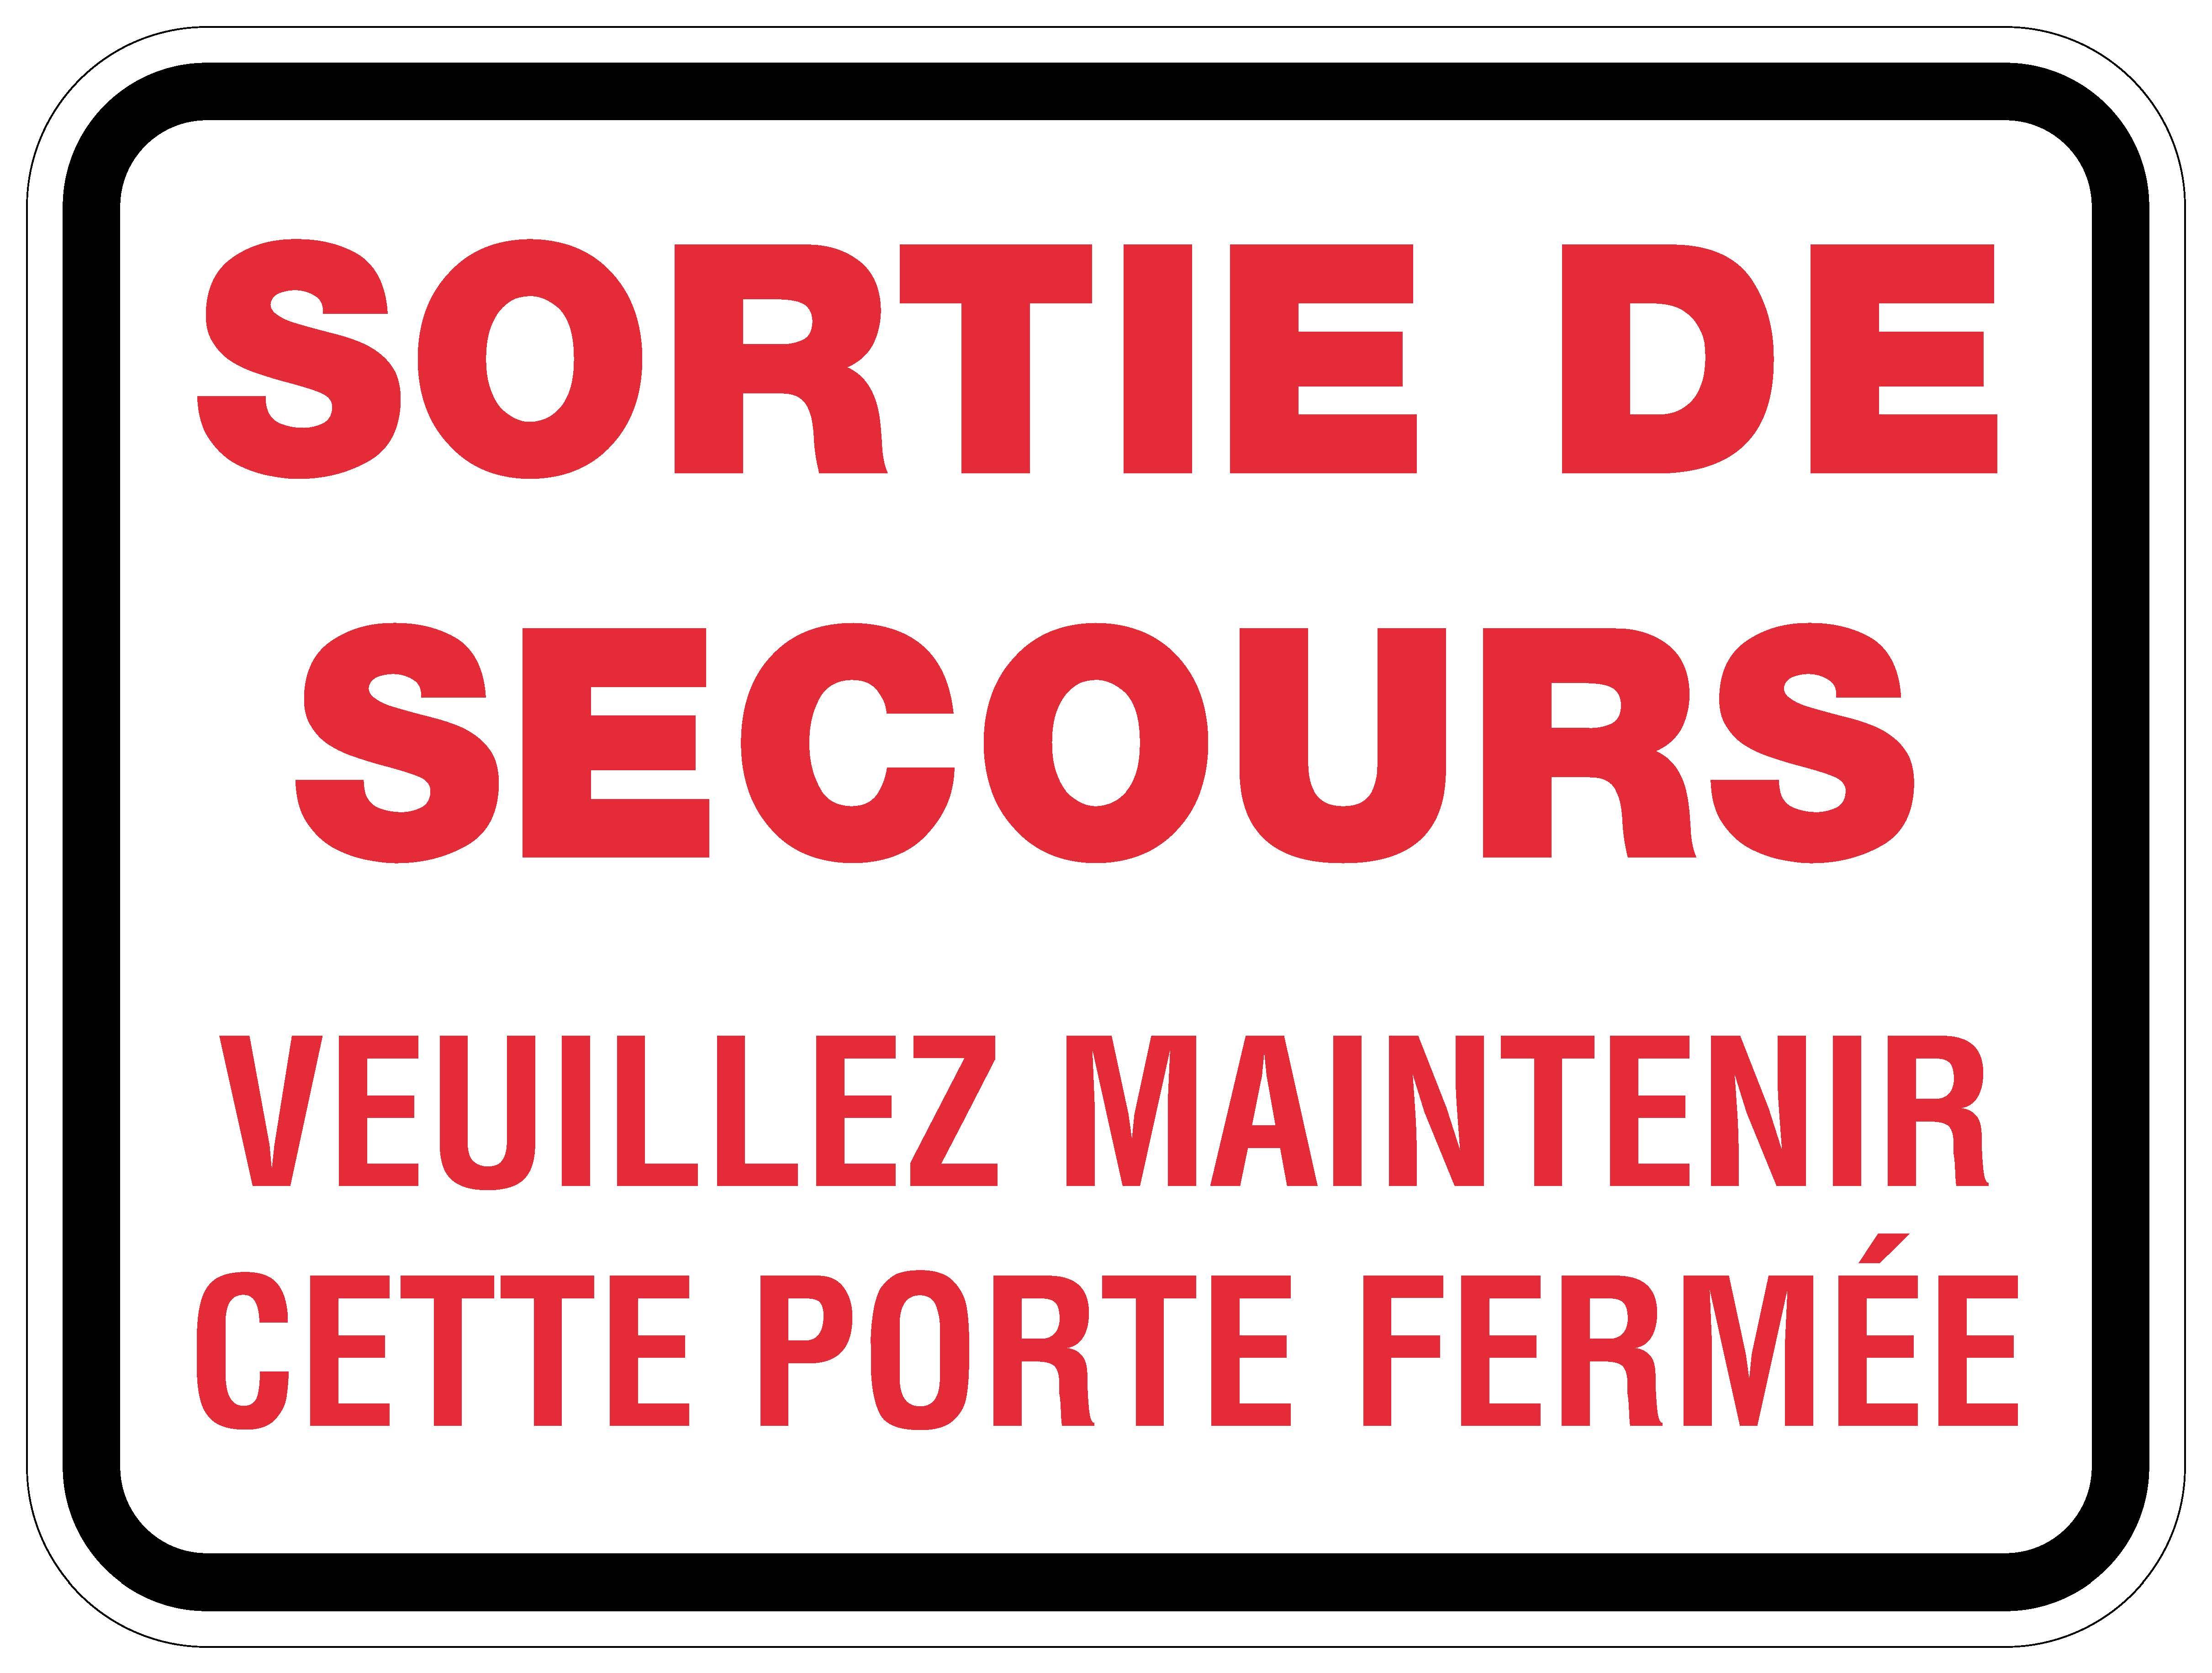 Panneaux Norme Osha Sortie De Secours Veuillez Maintenir Cette Porte Ferm E Signel Services